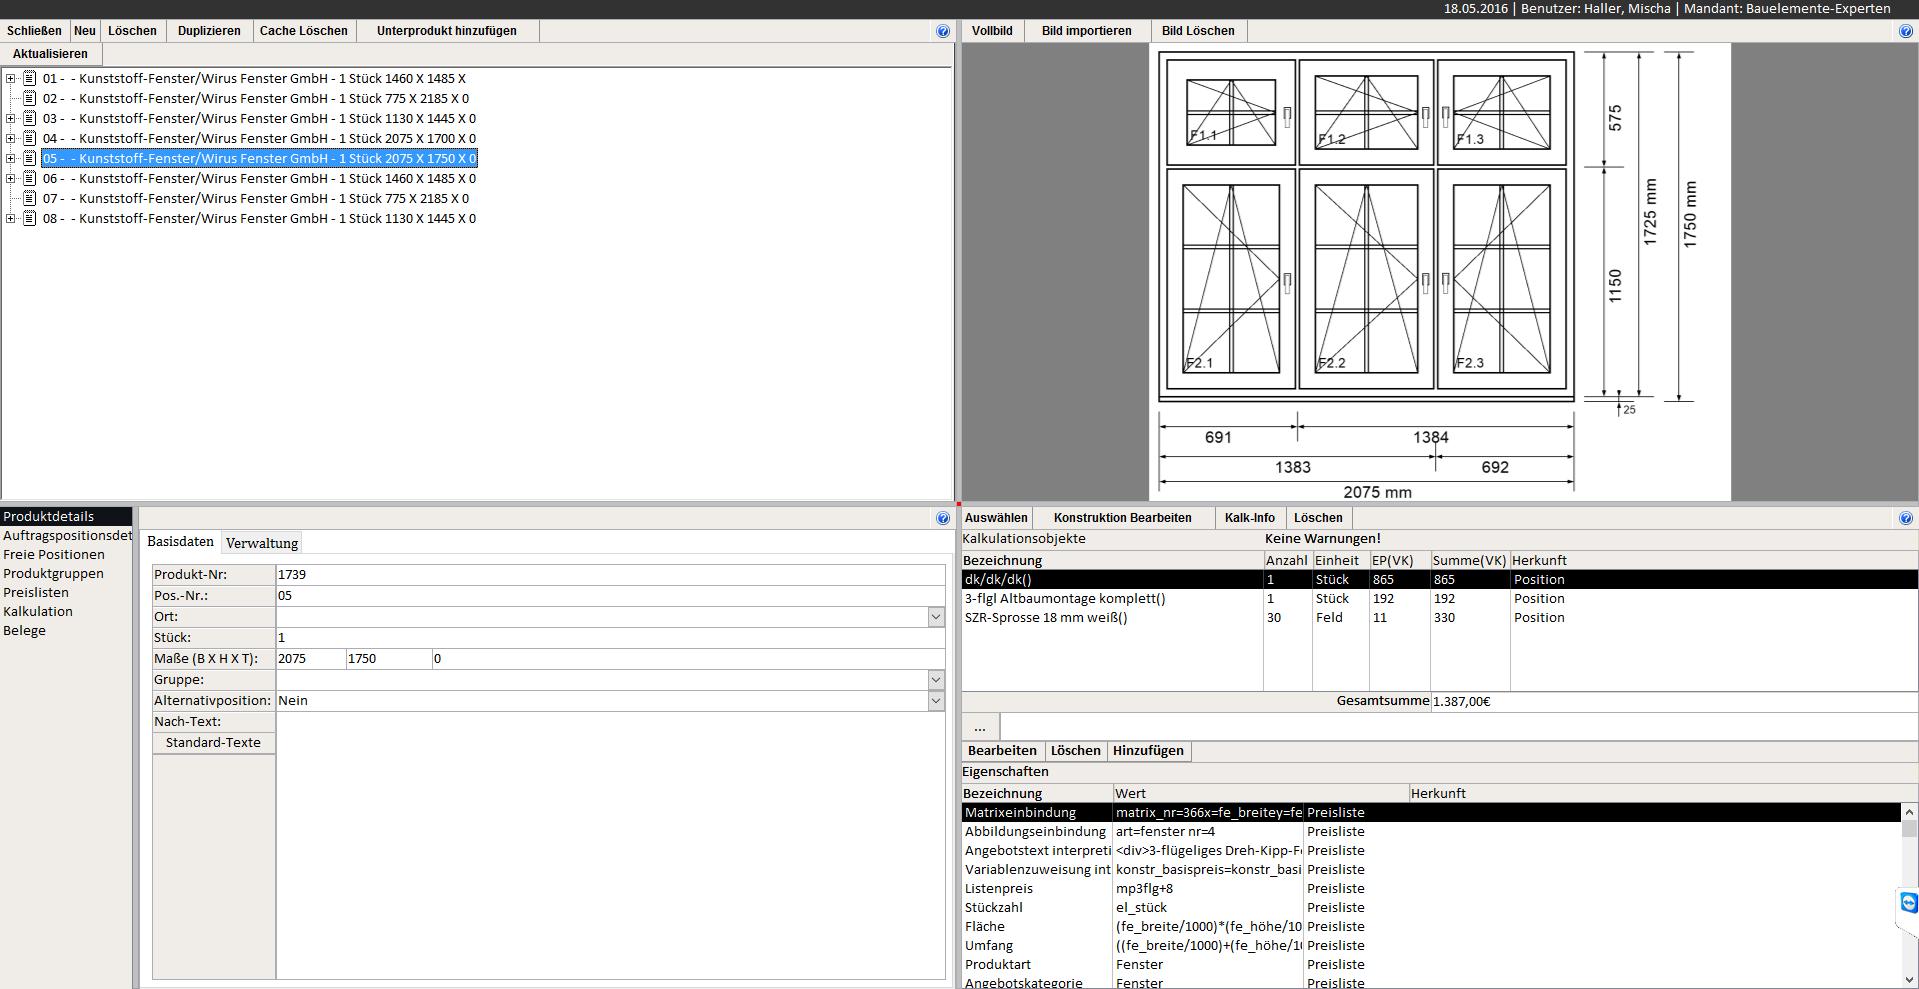 Fensterbausoftware, Angebotssoftware für Fenster, Türen und ...